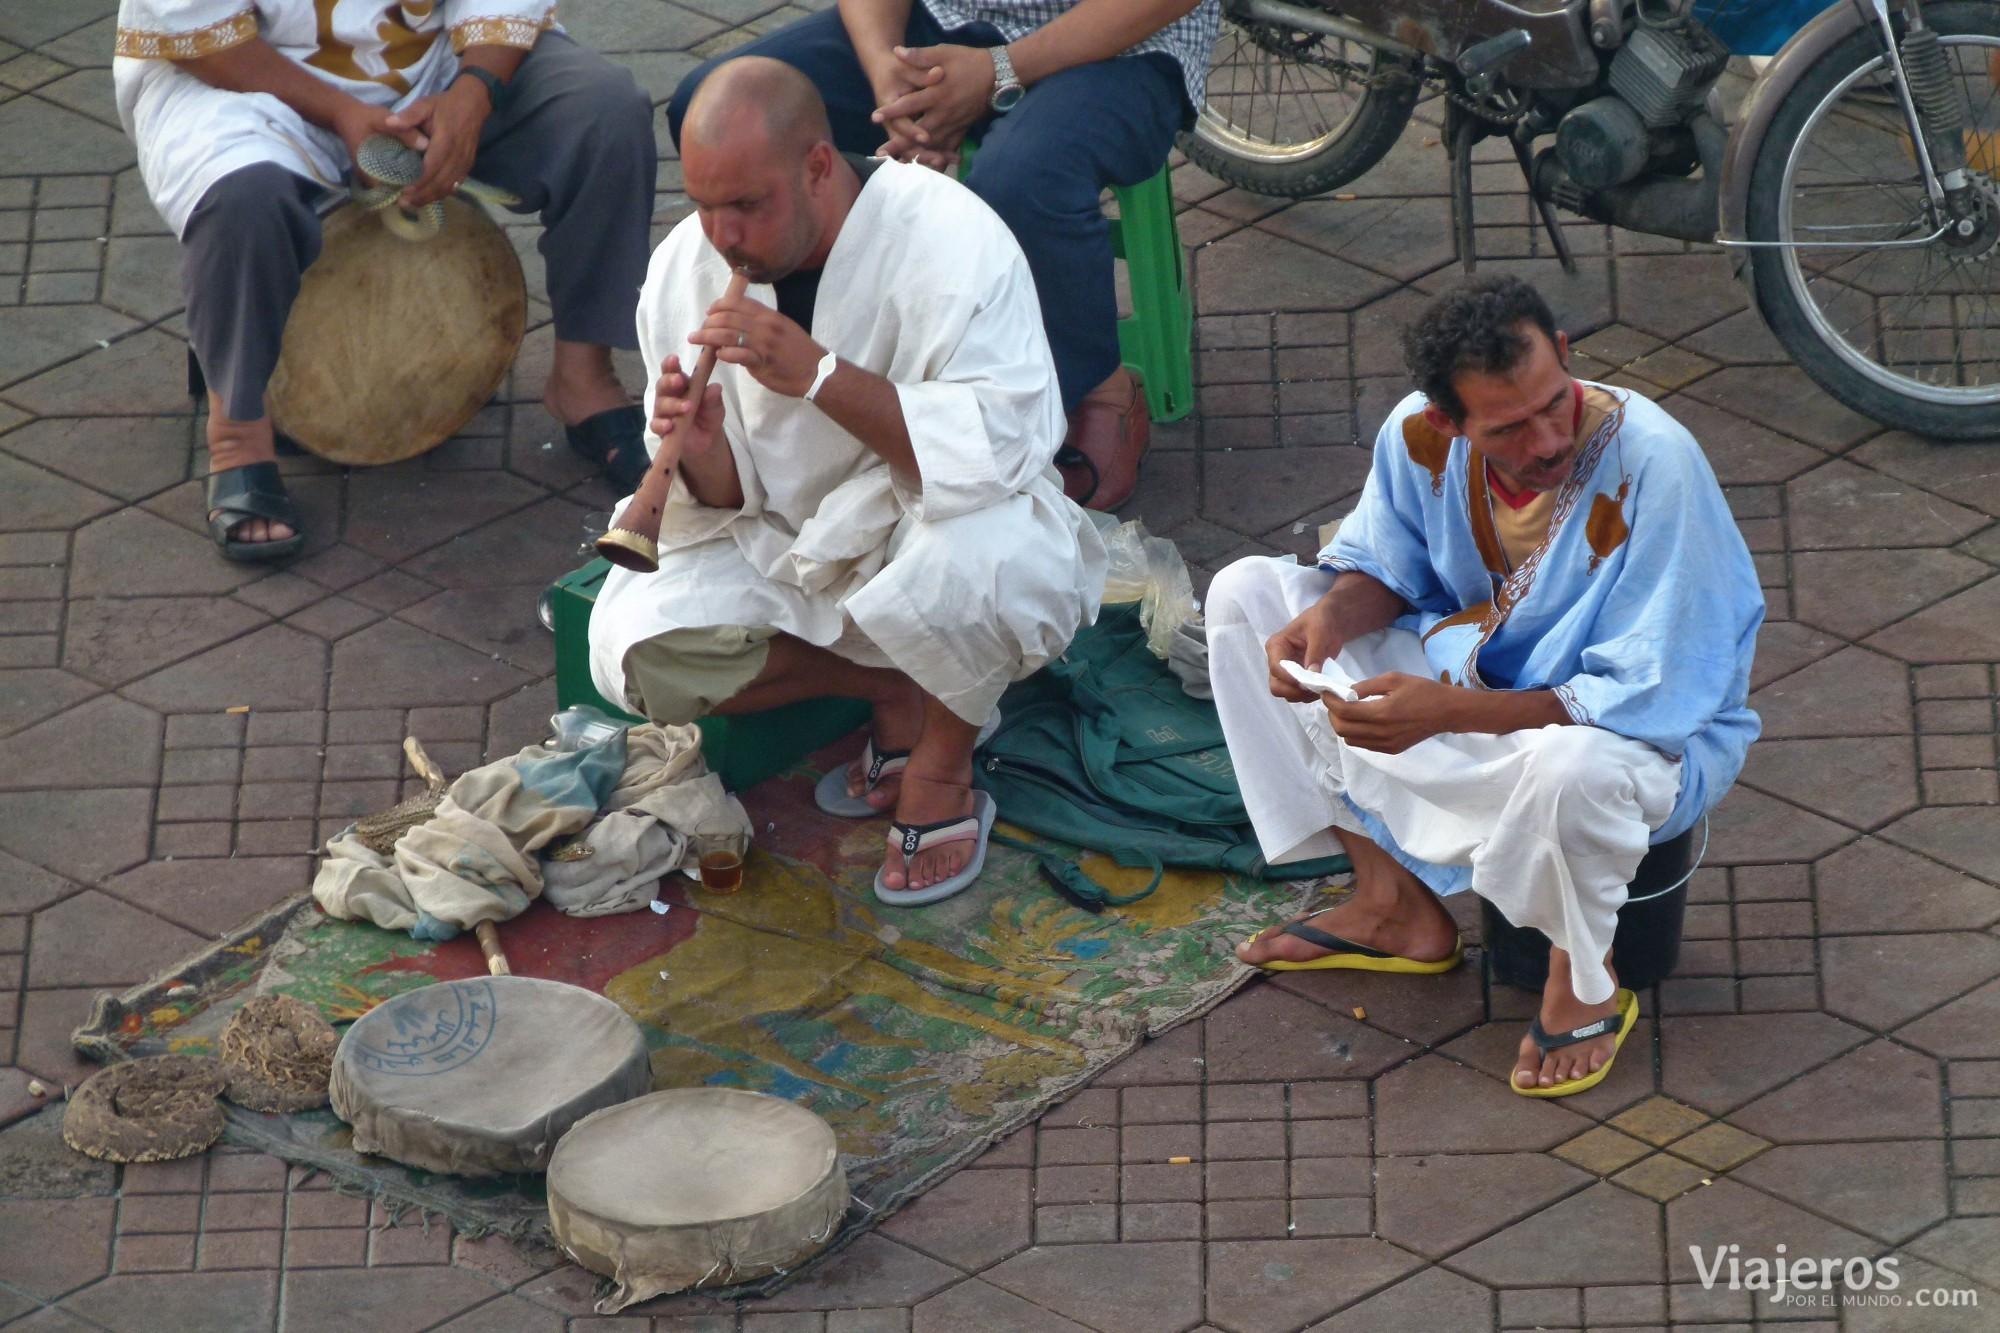 ciudad turística en Marruecos